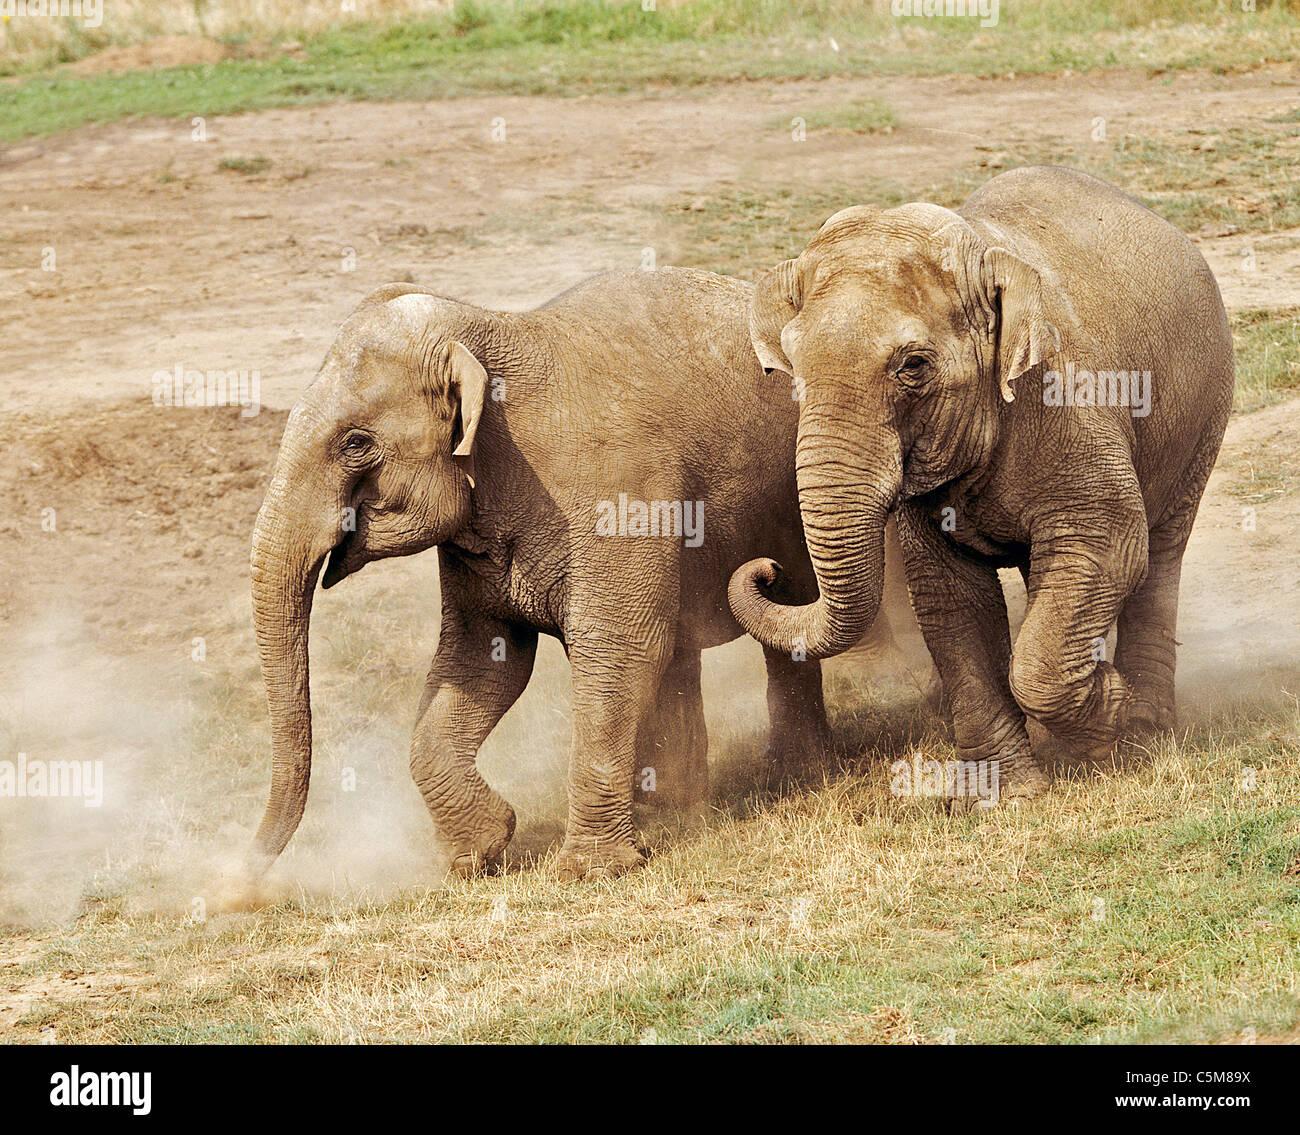 Deux éléphants asiatiques / Elephas maximus Photo Stock